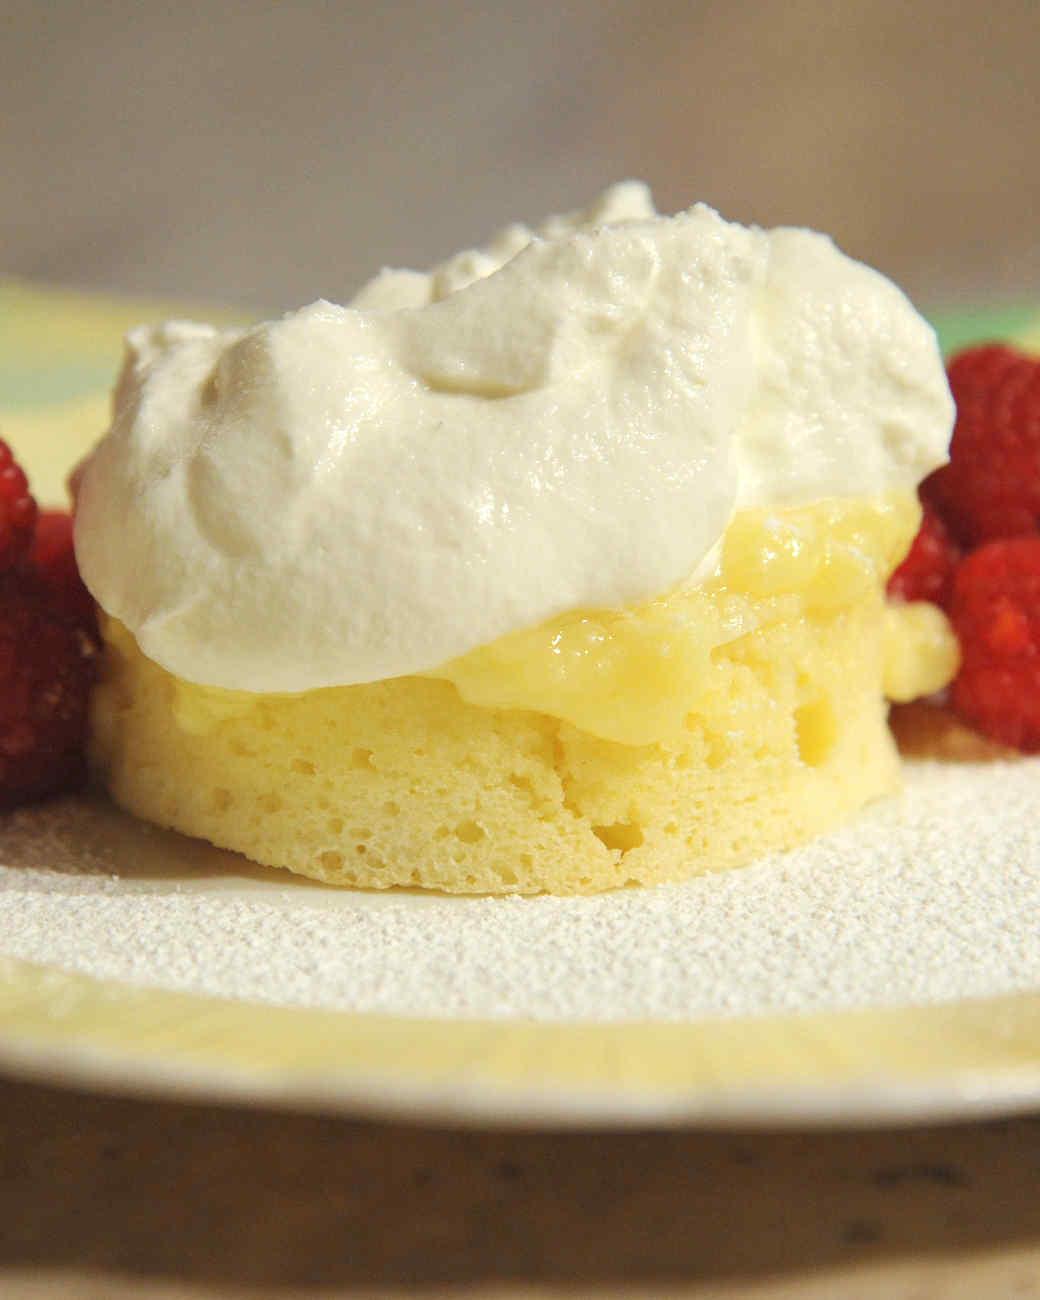 lemon-pudding-cake-mslb7109.jpg